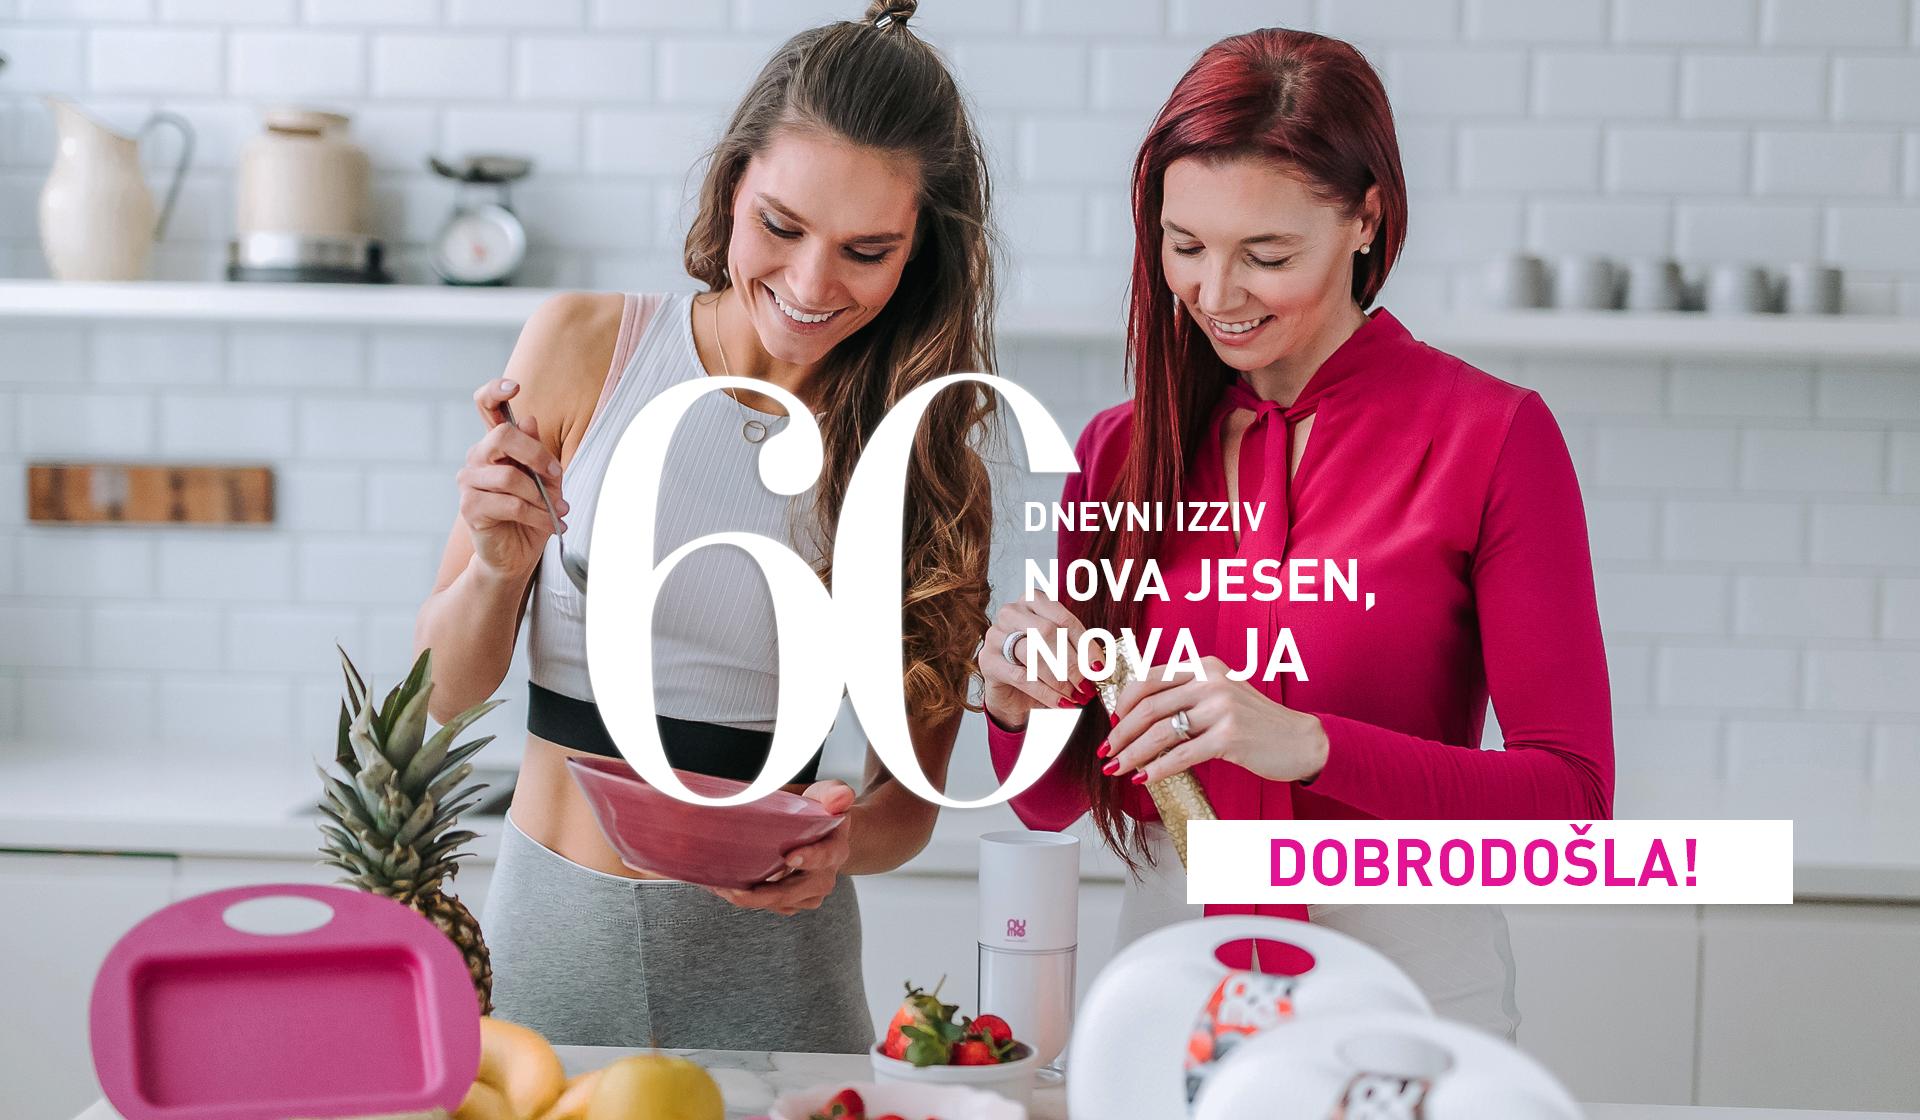 NOVA JESEN, NOVA JA. - Tjedan 01